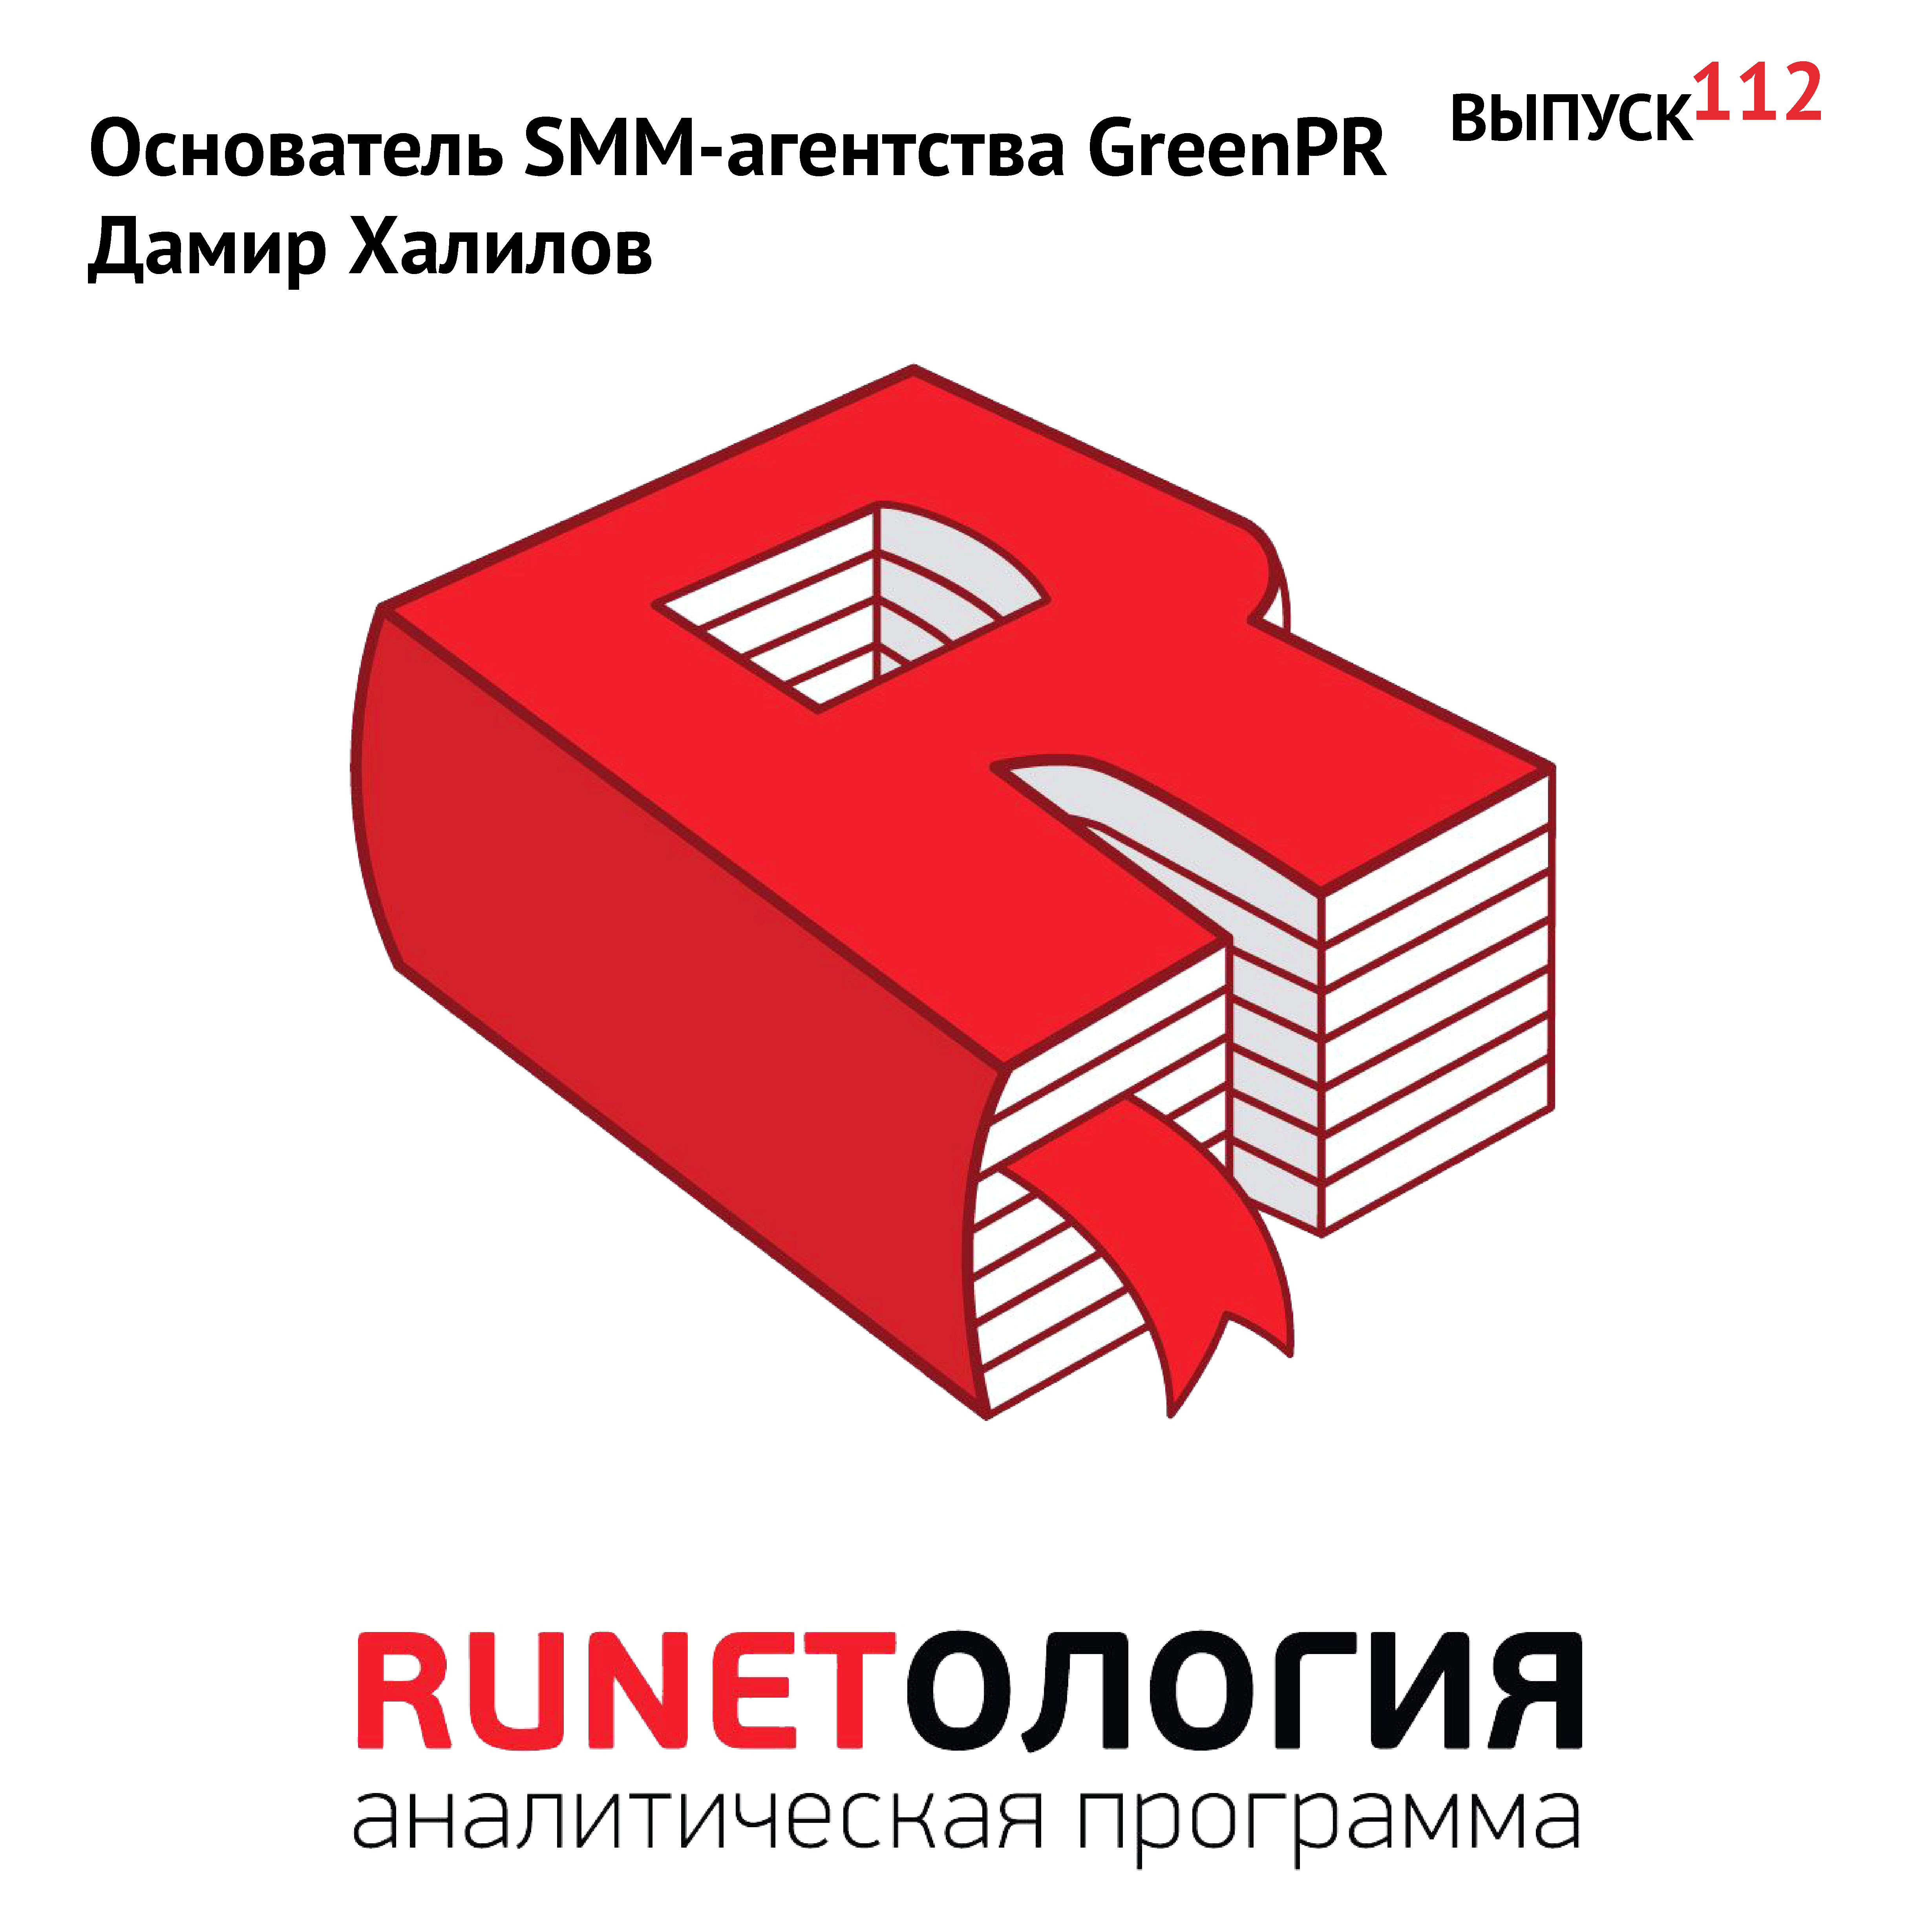 Основатель SMM-агентства GreenPR Дамир Халилов